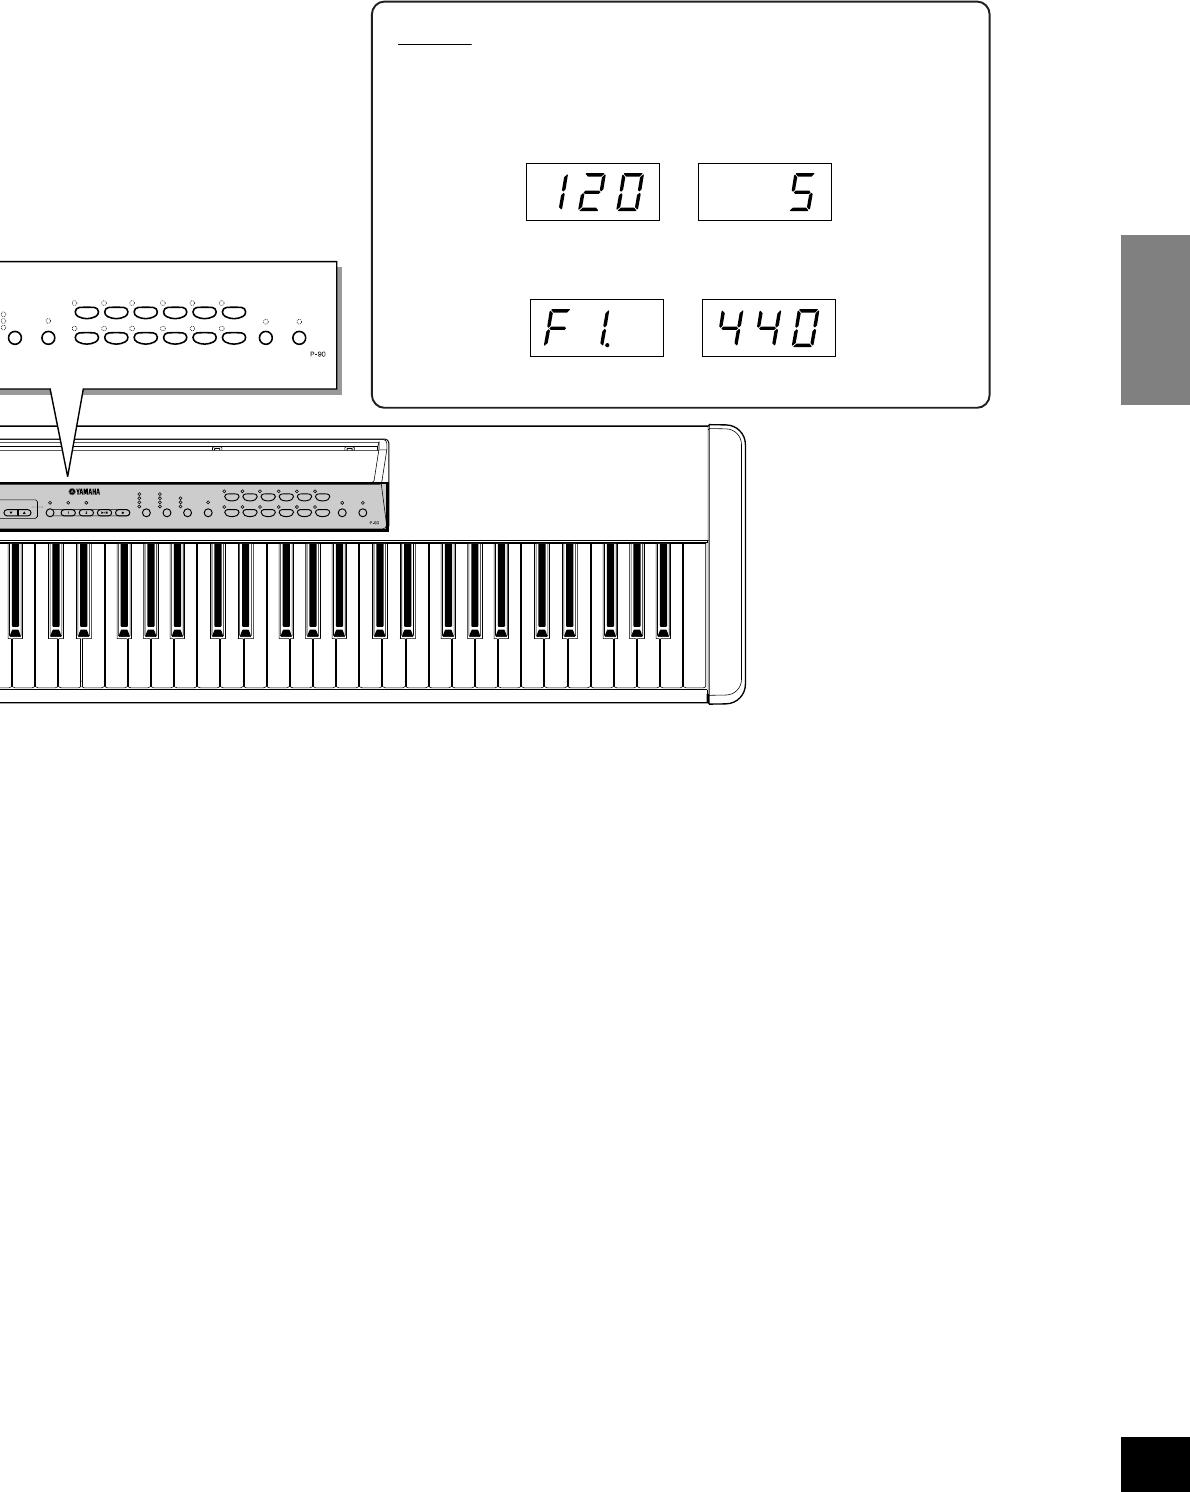 Yamaha P90 Owner's Manual P90E